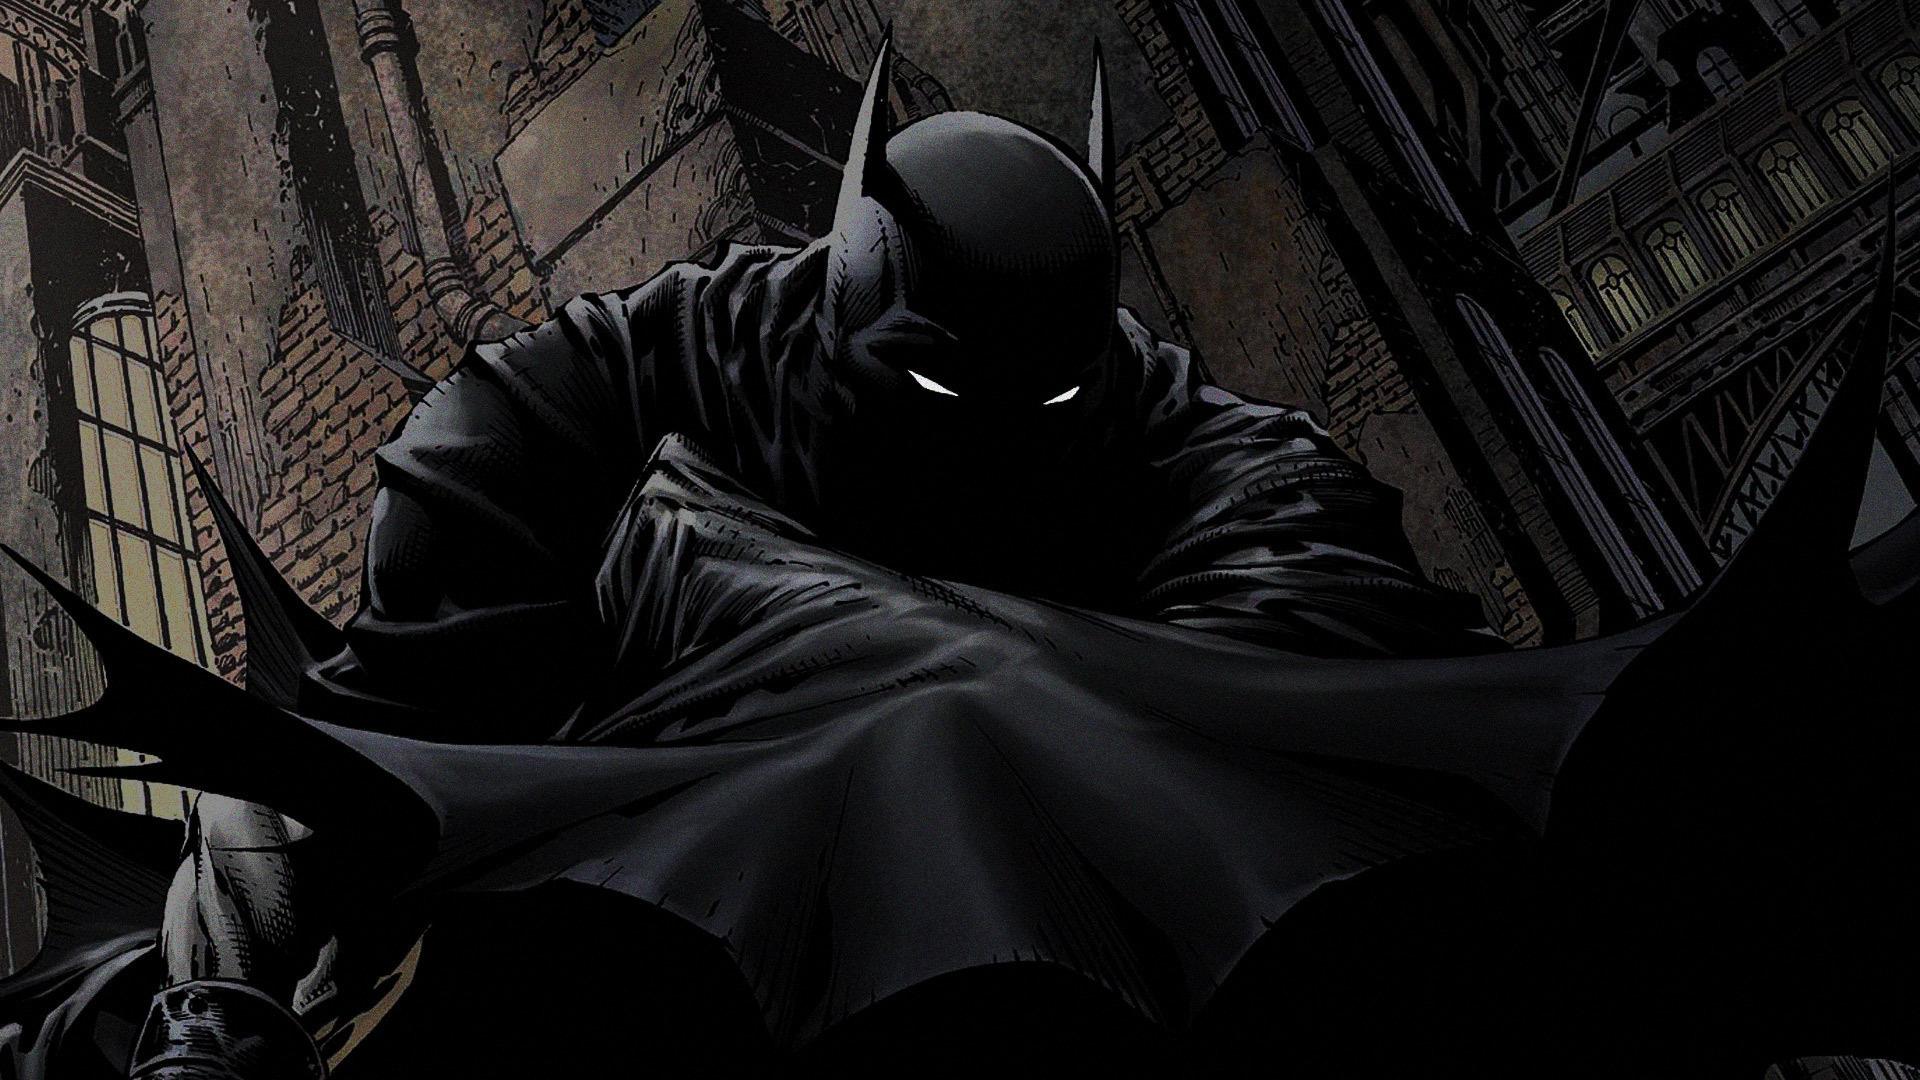 Batman HD Wallpapers Batman Images Cool Wallpapers 1920x1080